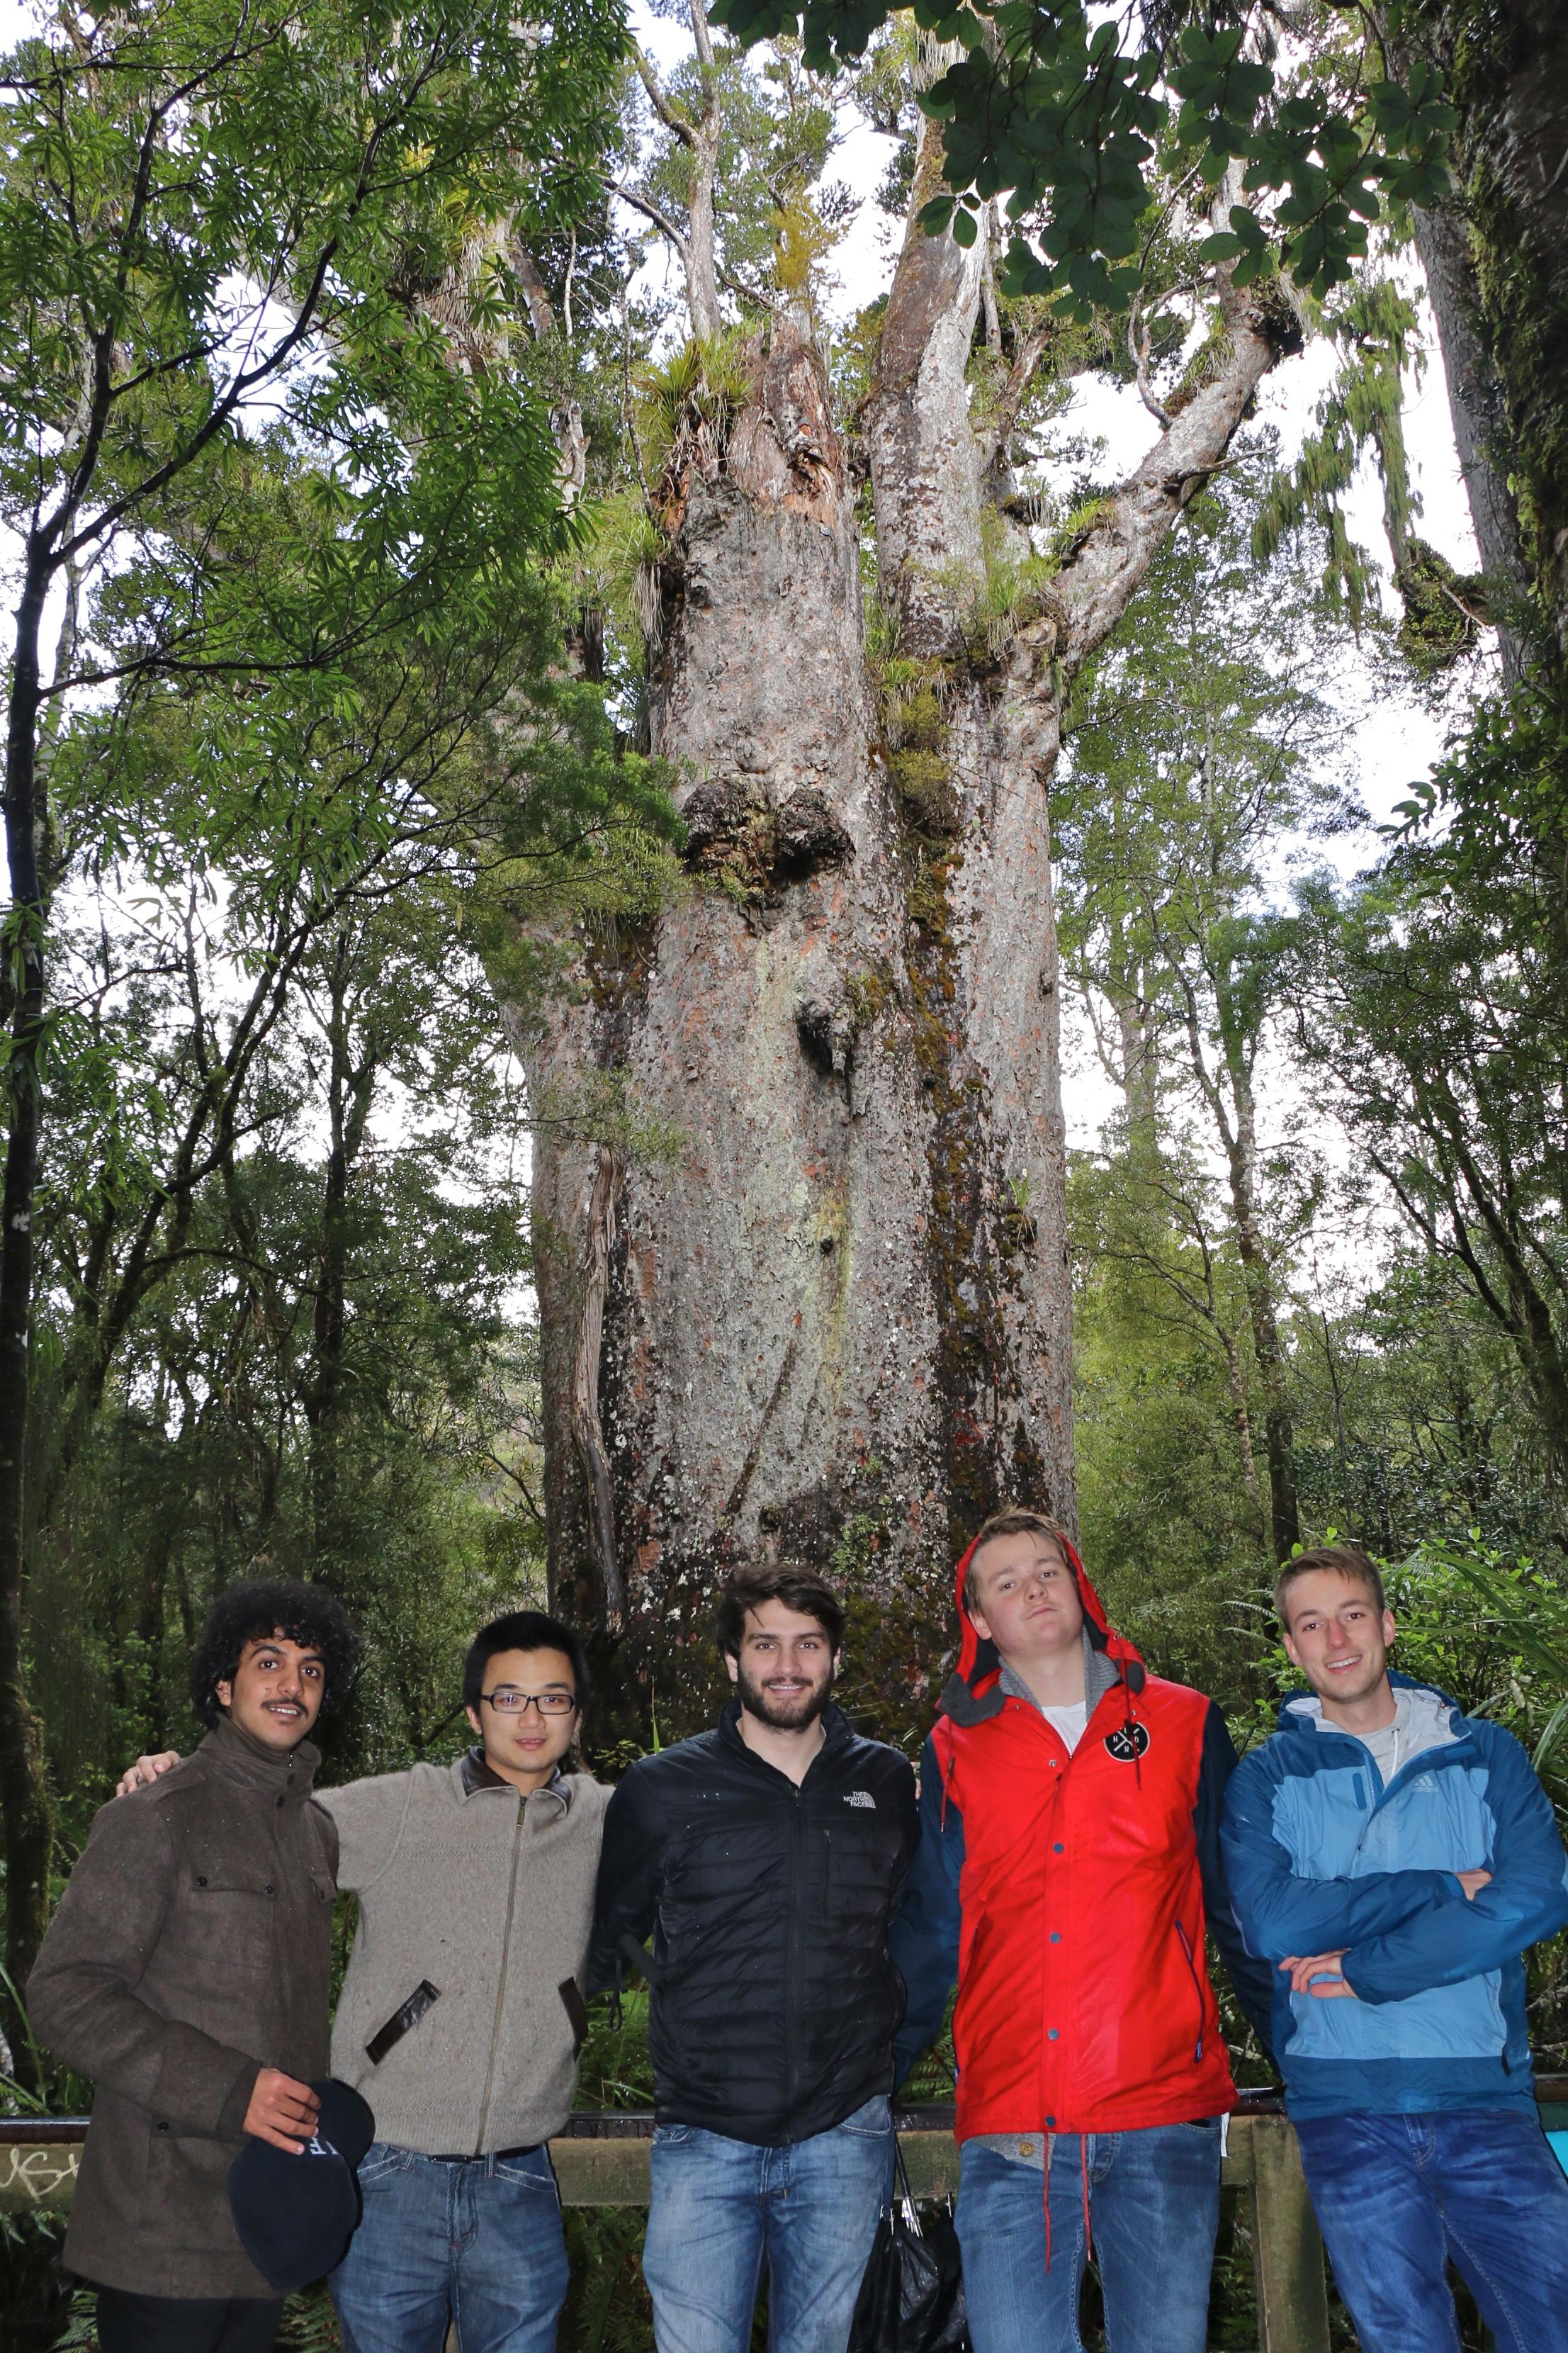 Father of the Forest (Salim, Rick, Fabio, Pieter und ich)